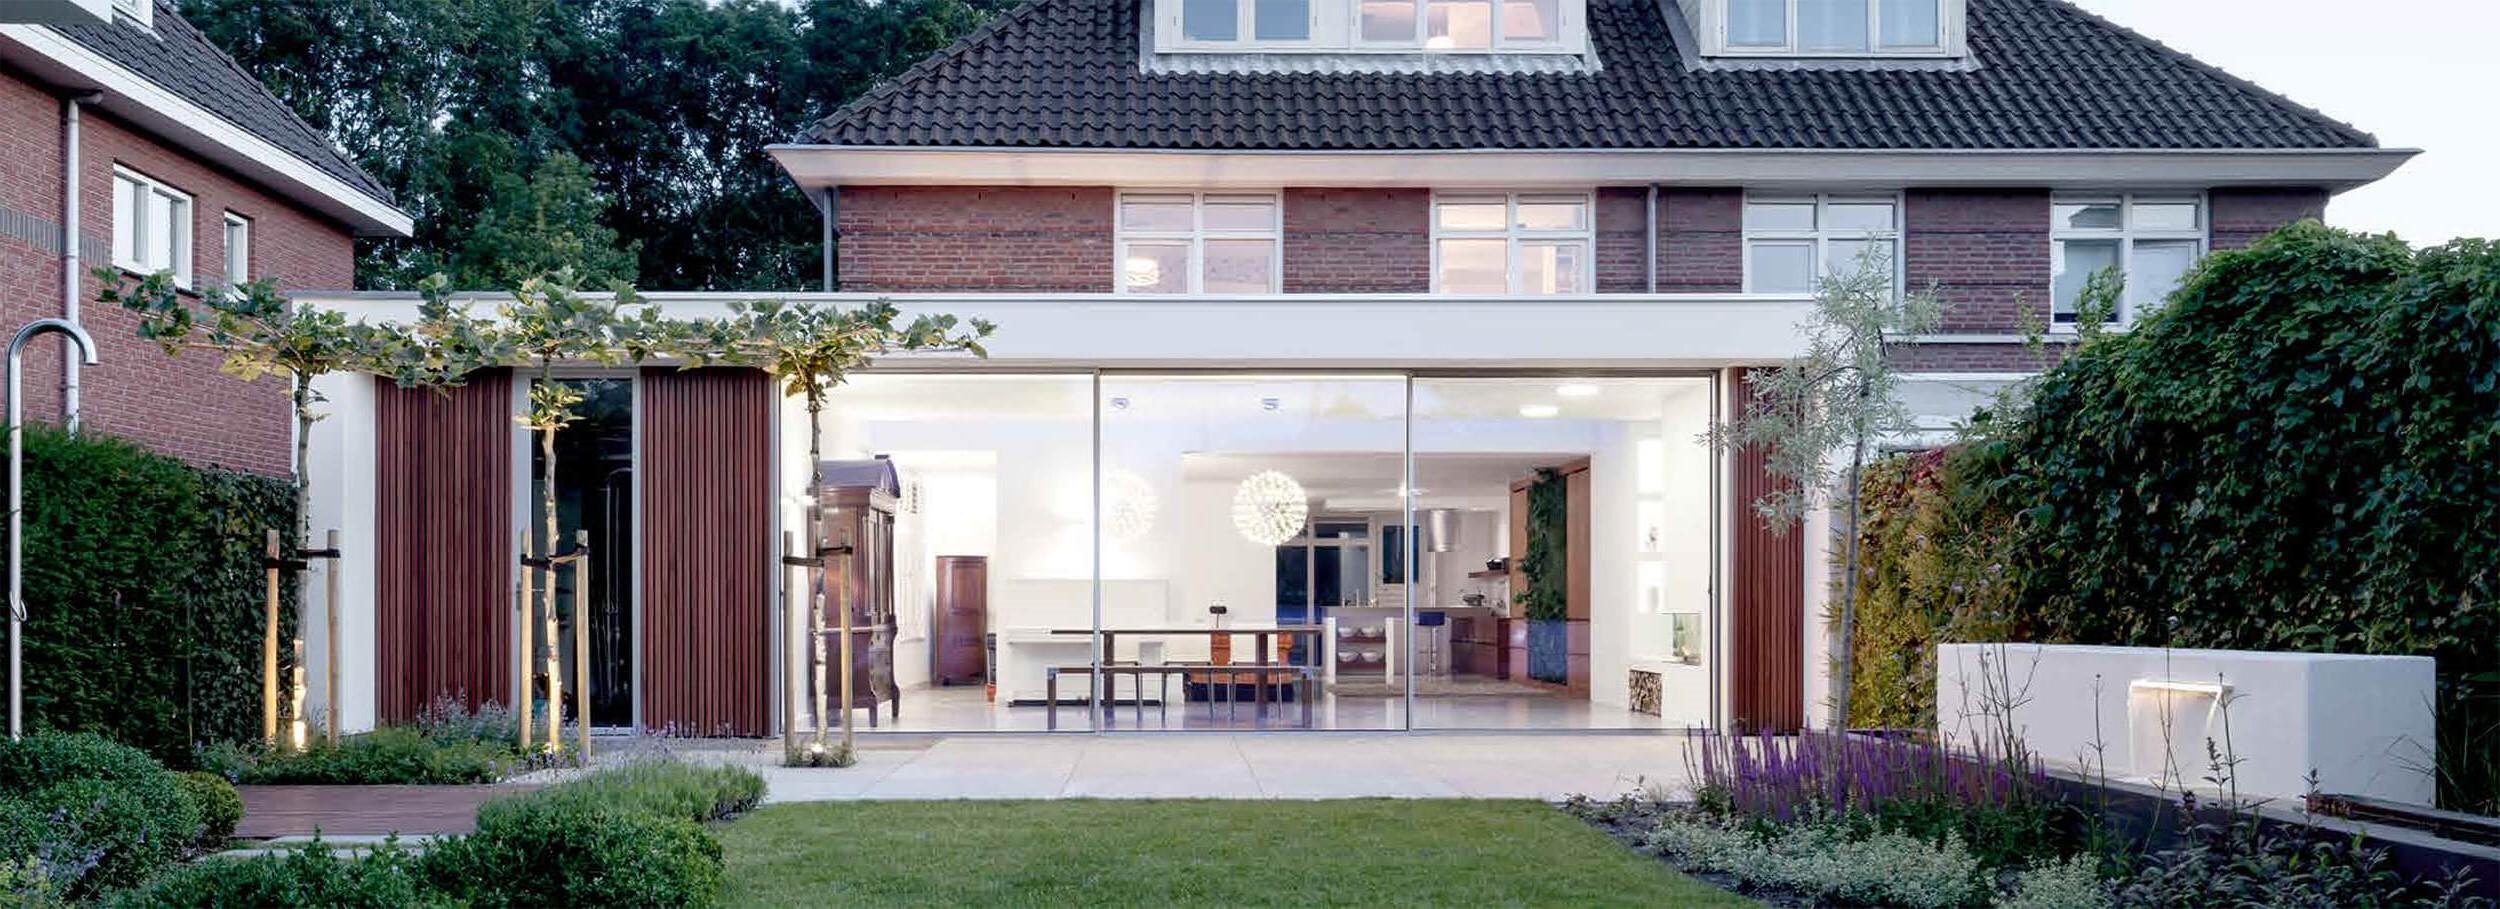 Voyons maintenant les avantages de la construction d'une extension de maison.